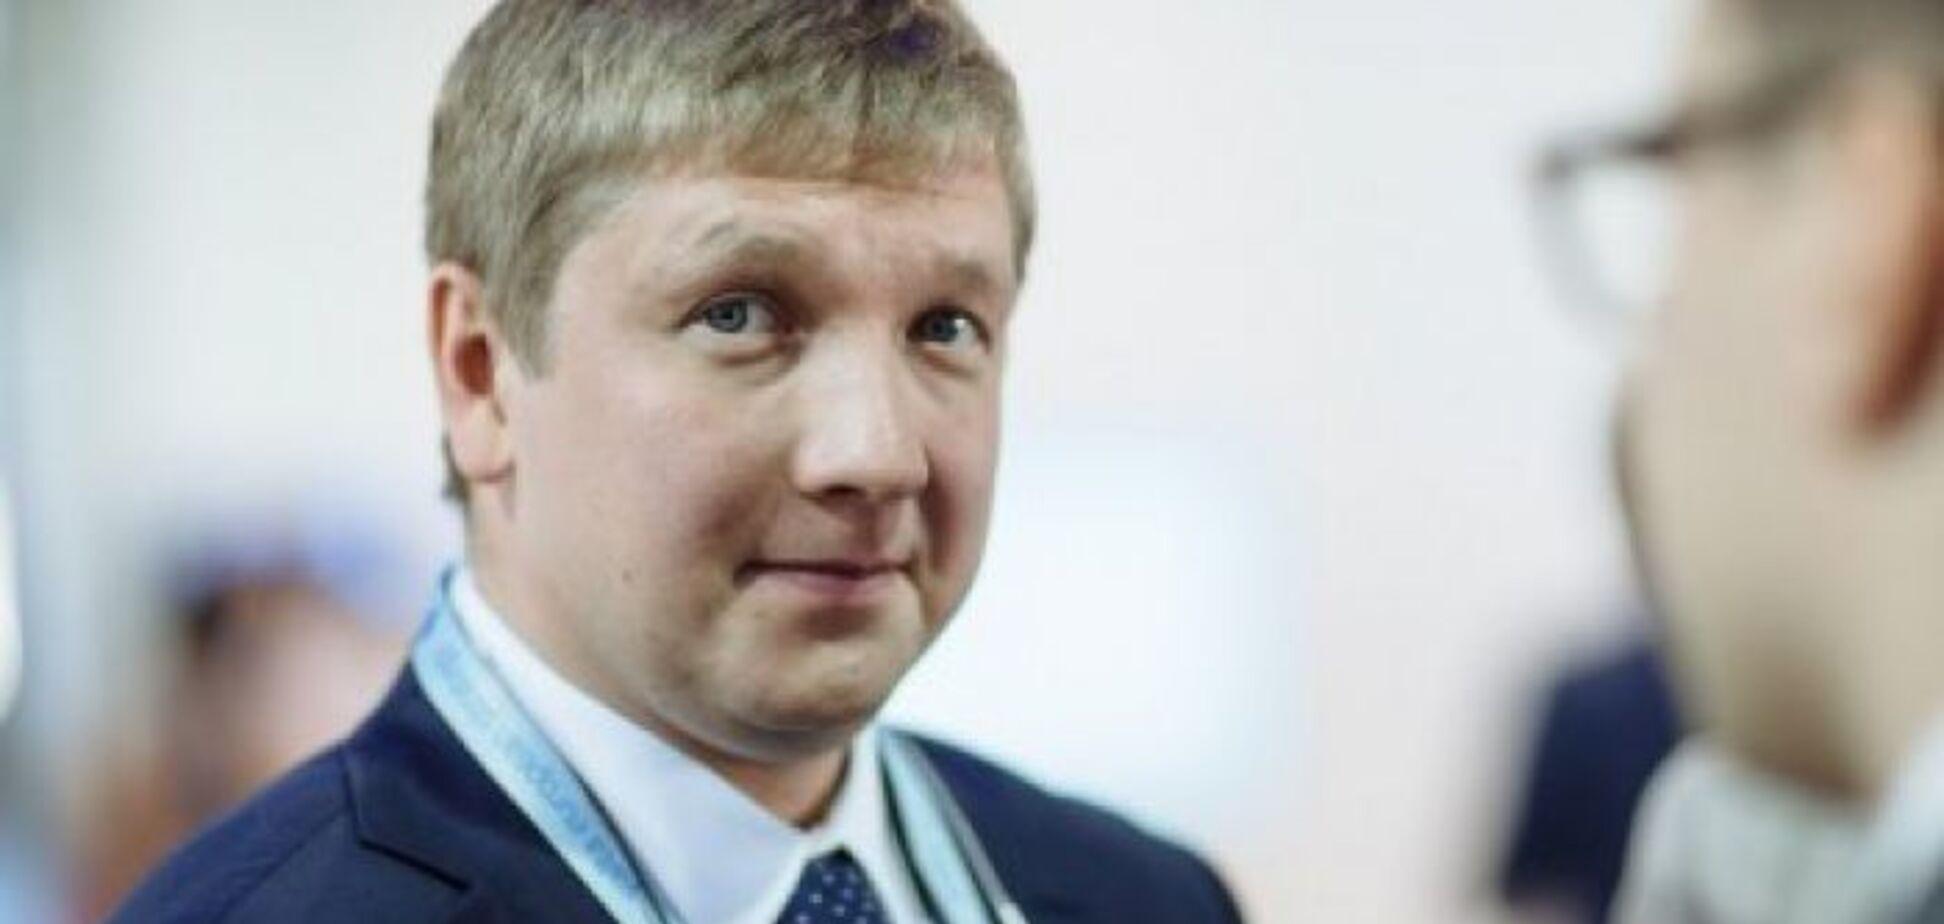 286,5 мільйонів: в 'Нафтогазі' розкрили величезну зарплату Коболєва